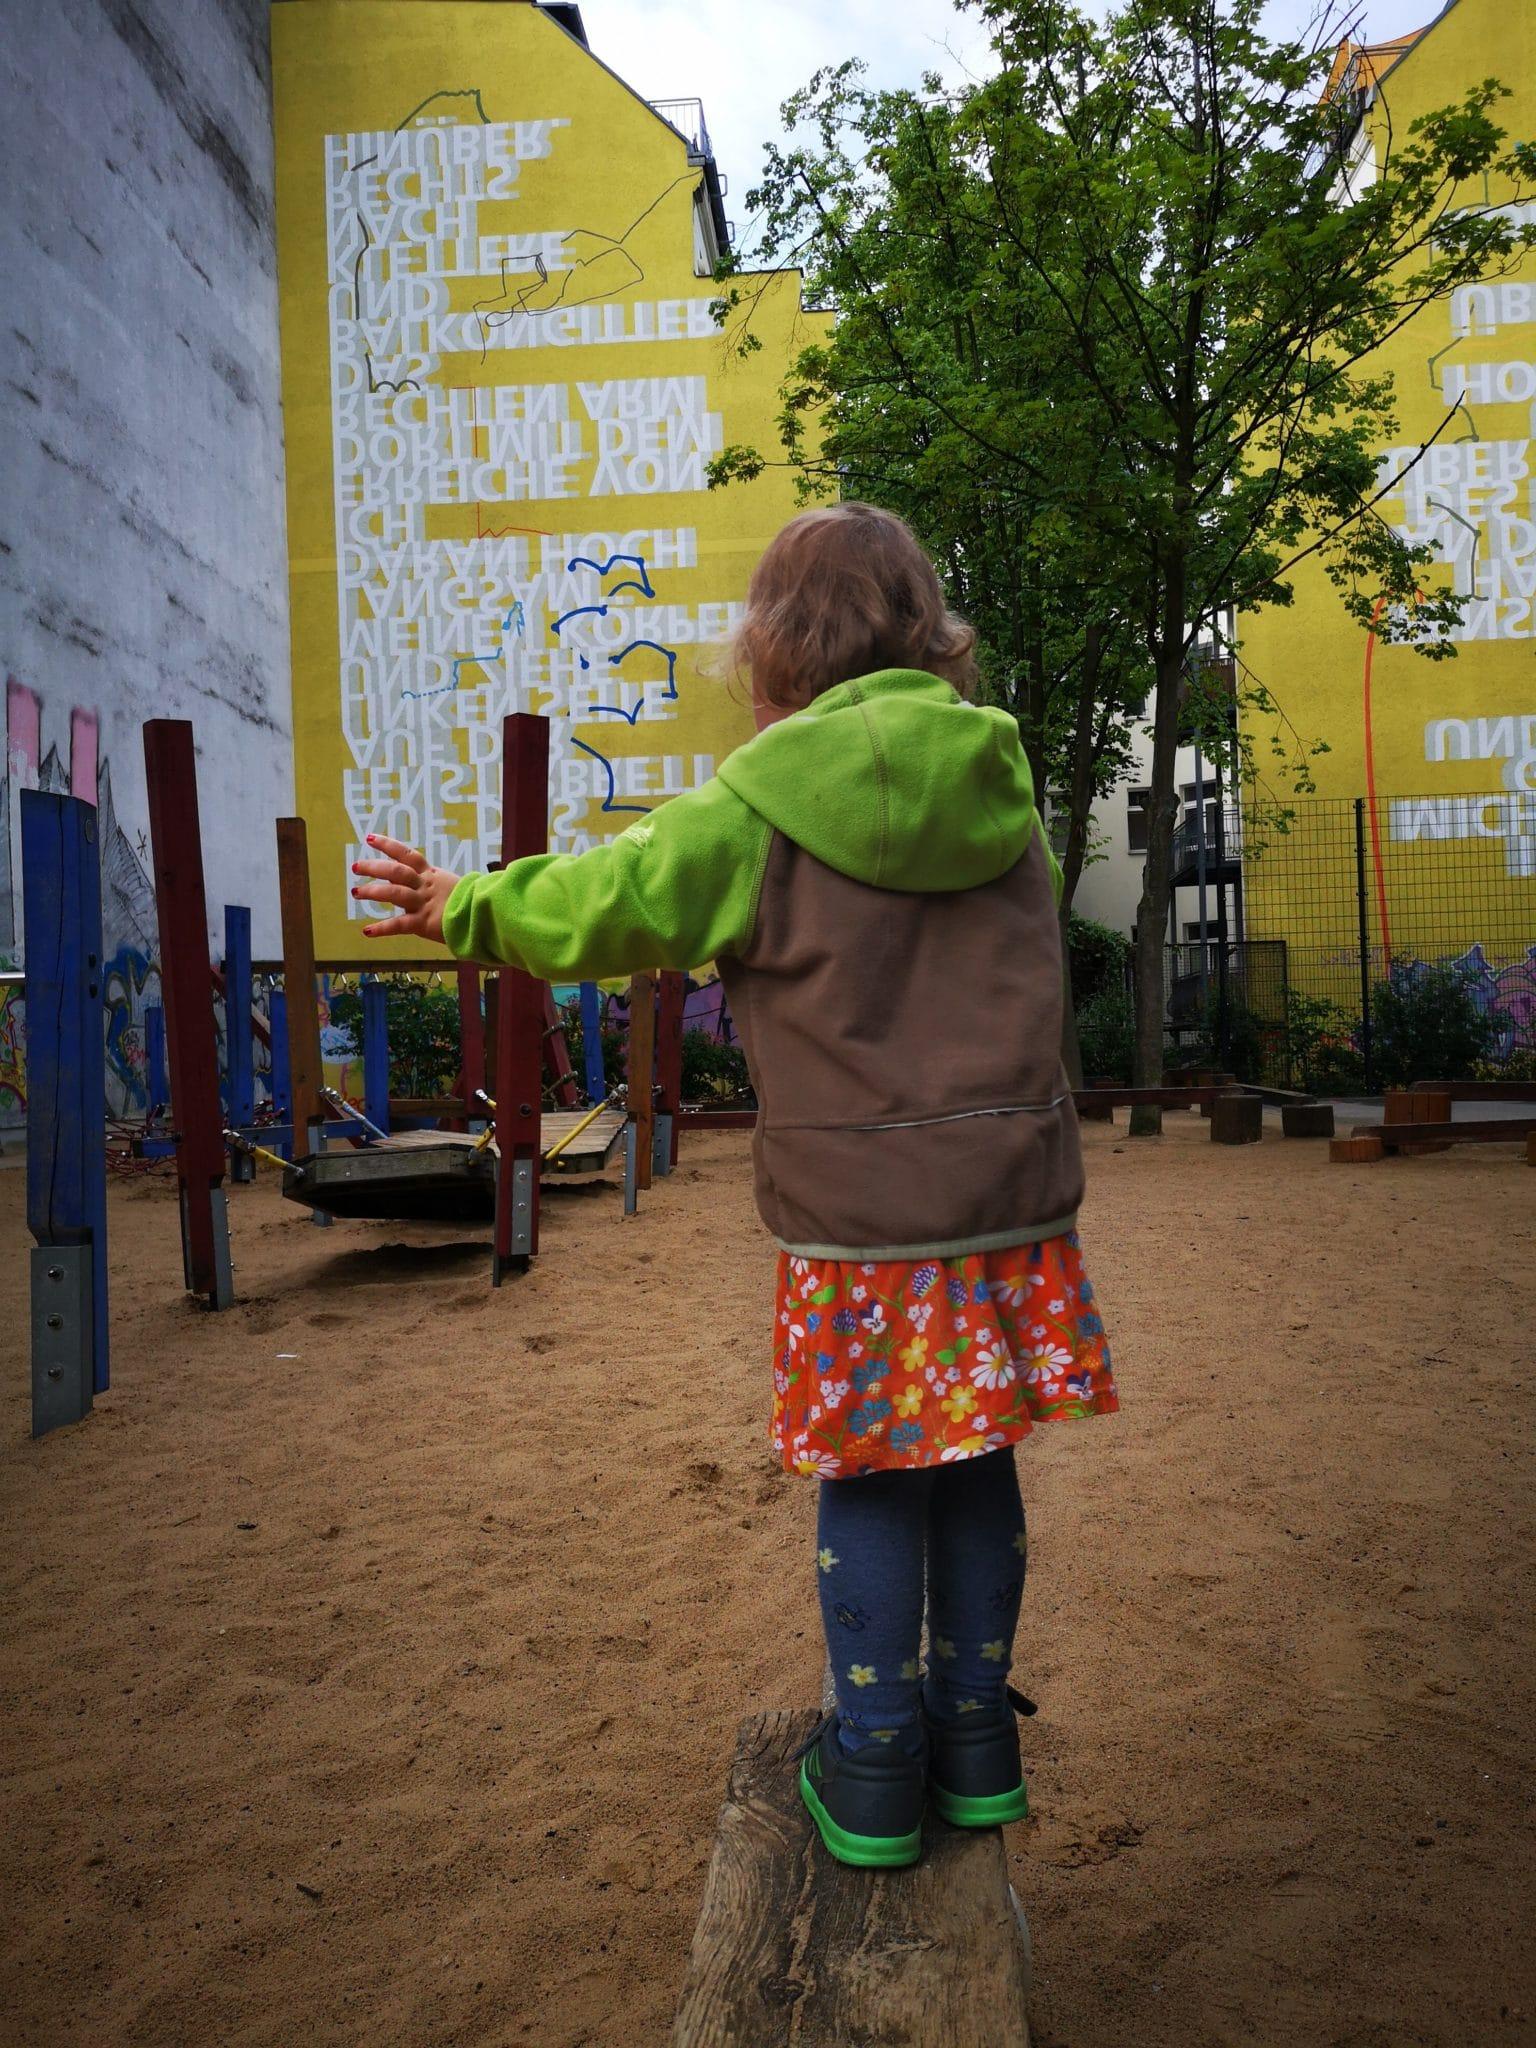 Ein Kleinkind balanciert auf einem Spielplatz.